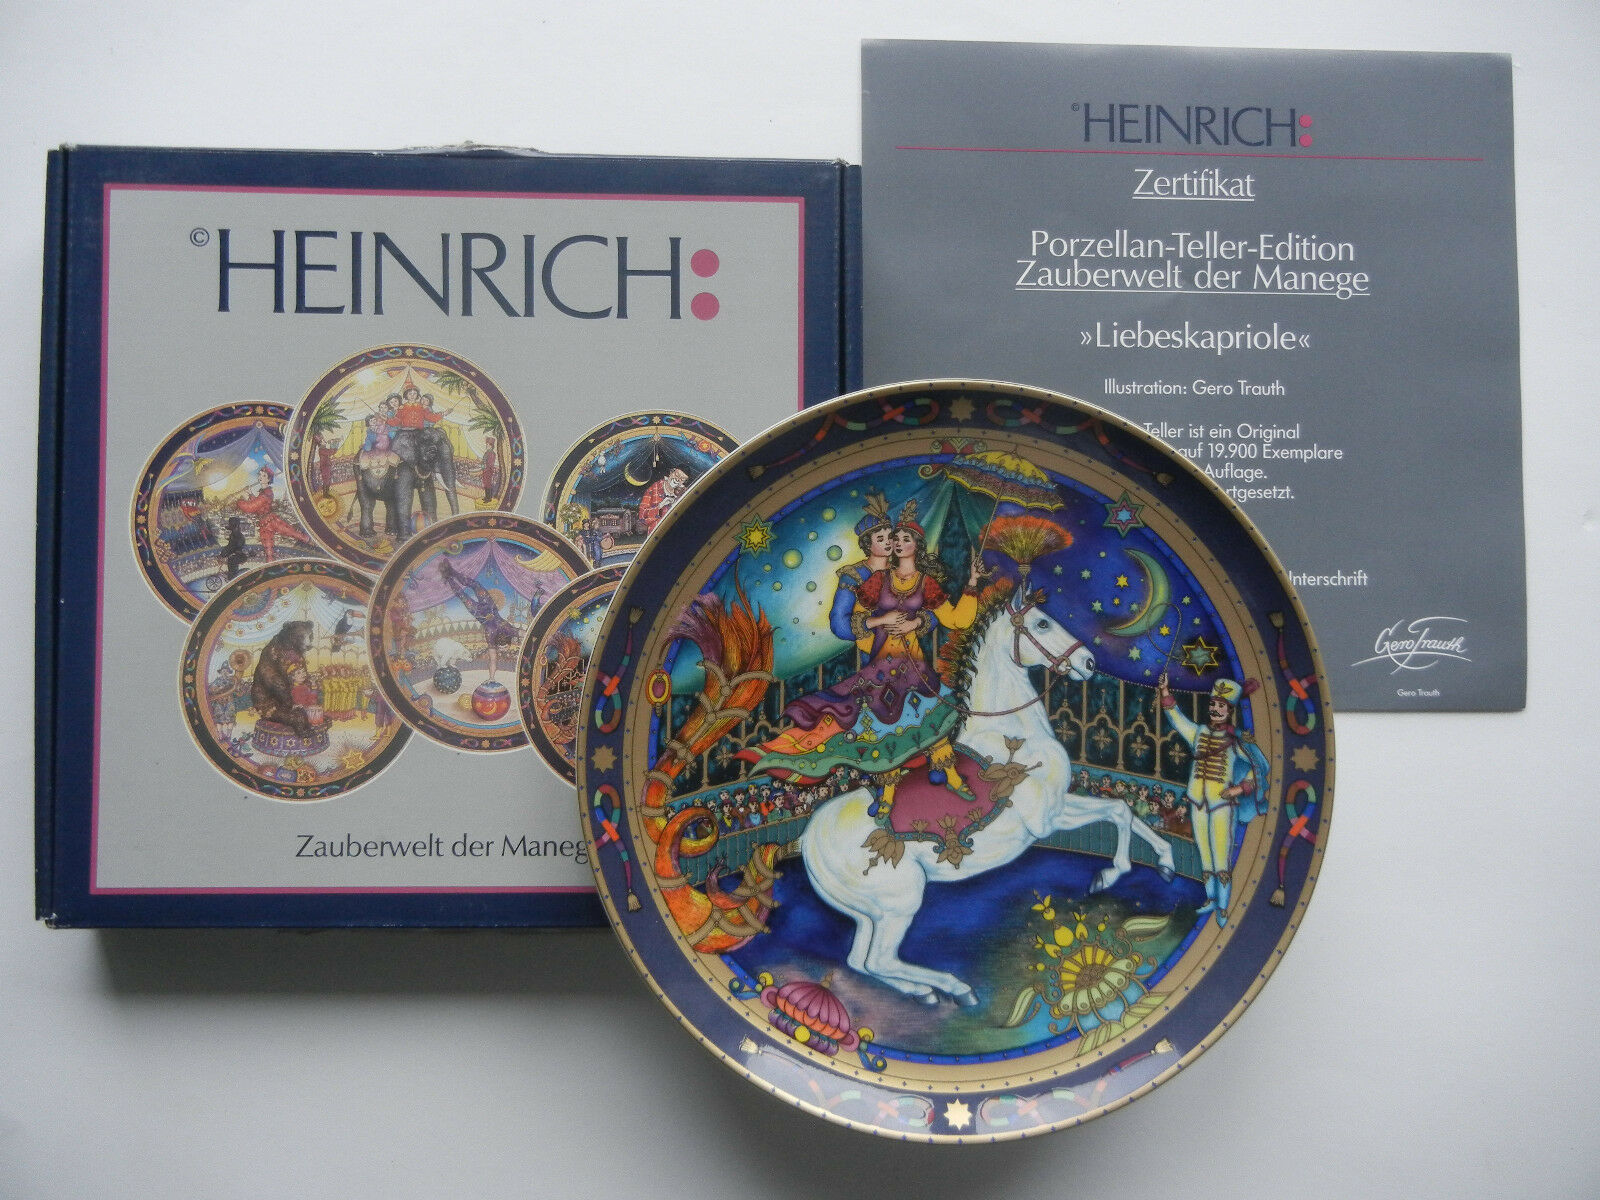 Heinrich (mes cinématographiques des la piste 4: liebeskapriole  OVP (mes Heinrich articles-Nº 4-4) 9bdb90